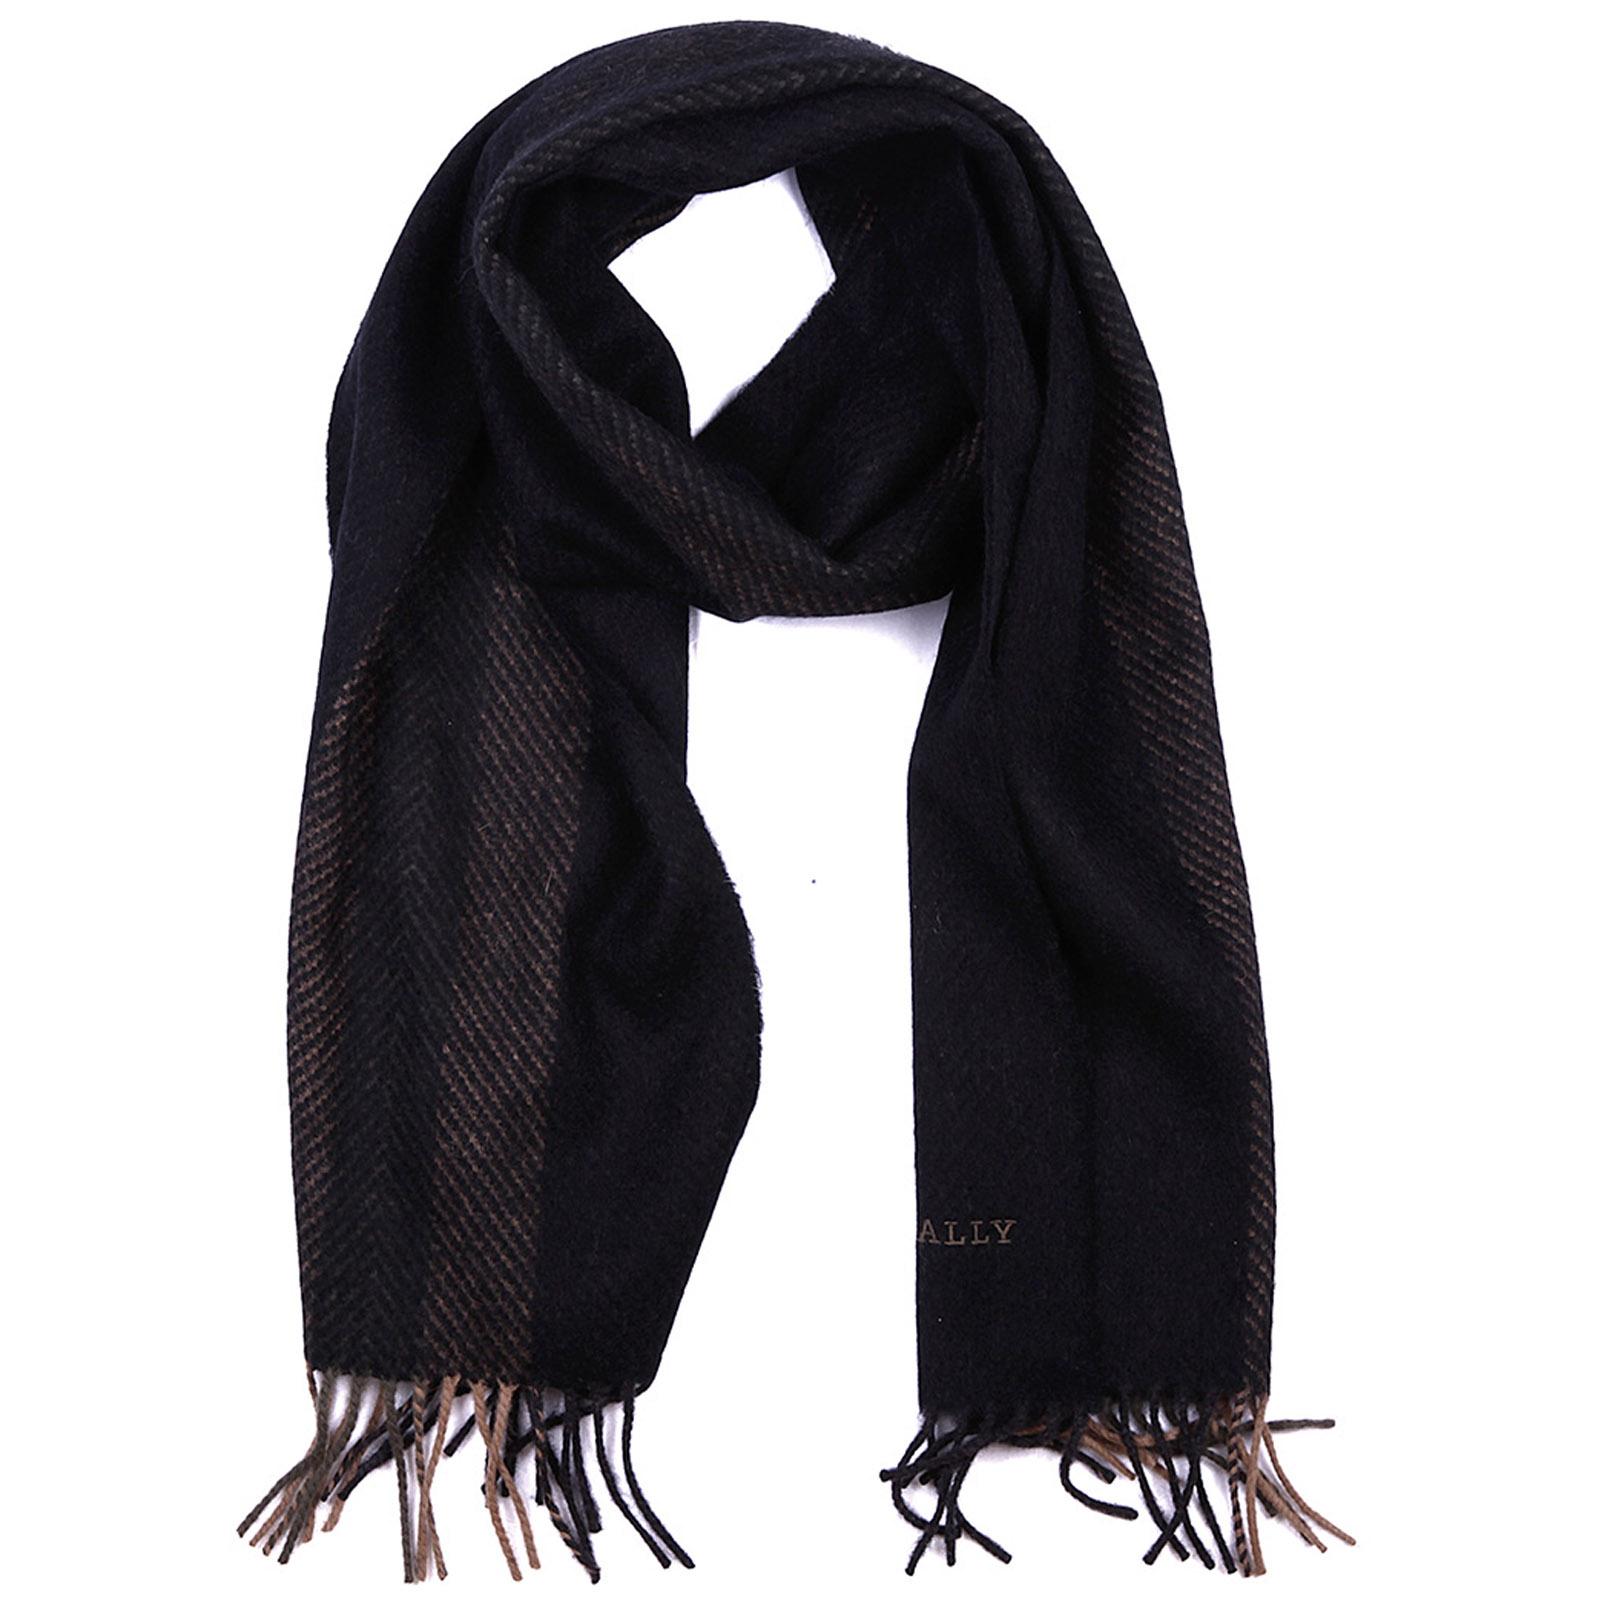 Bufanda de hombre en lana multi dark grey jacquard